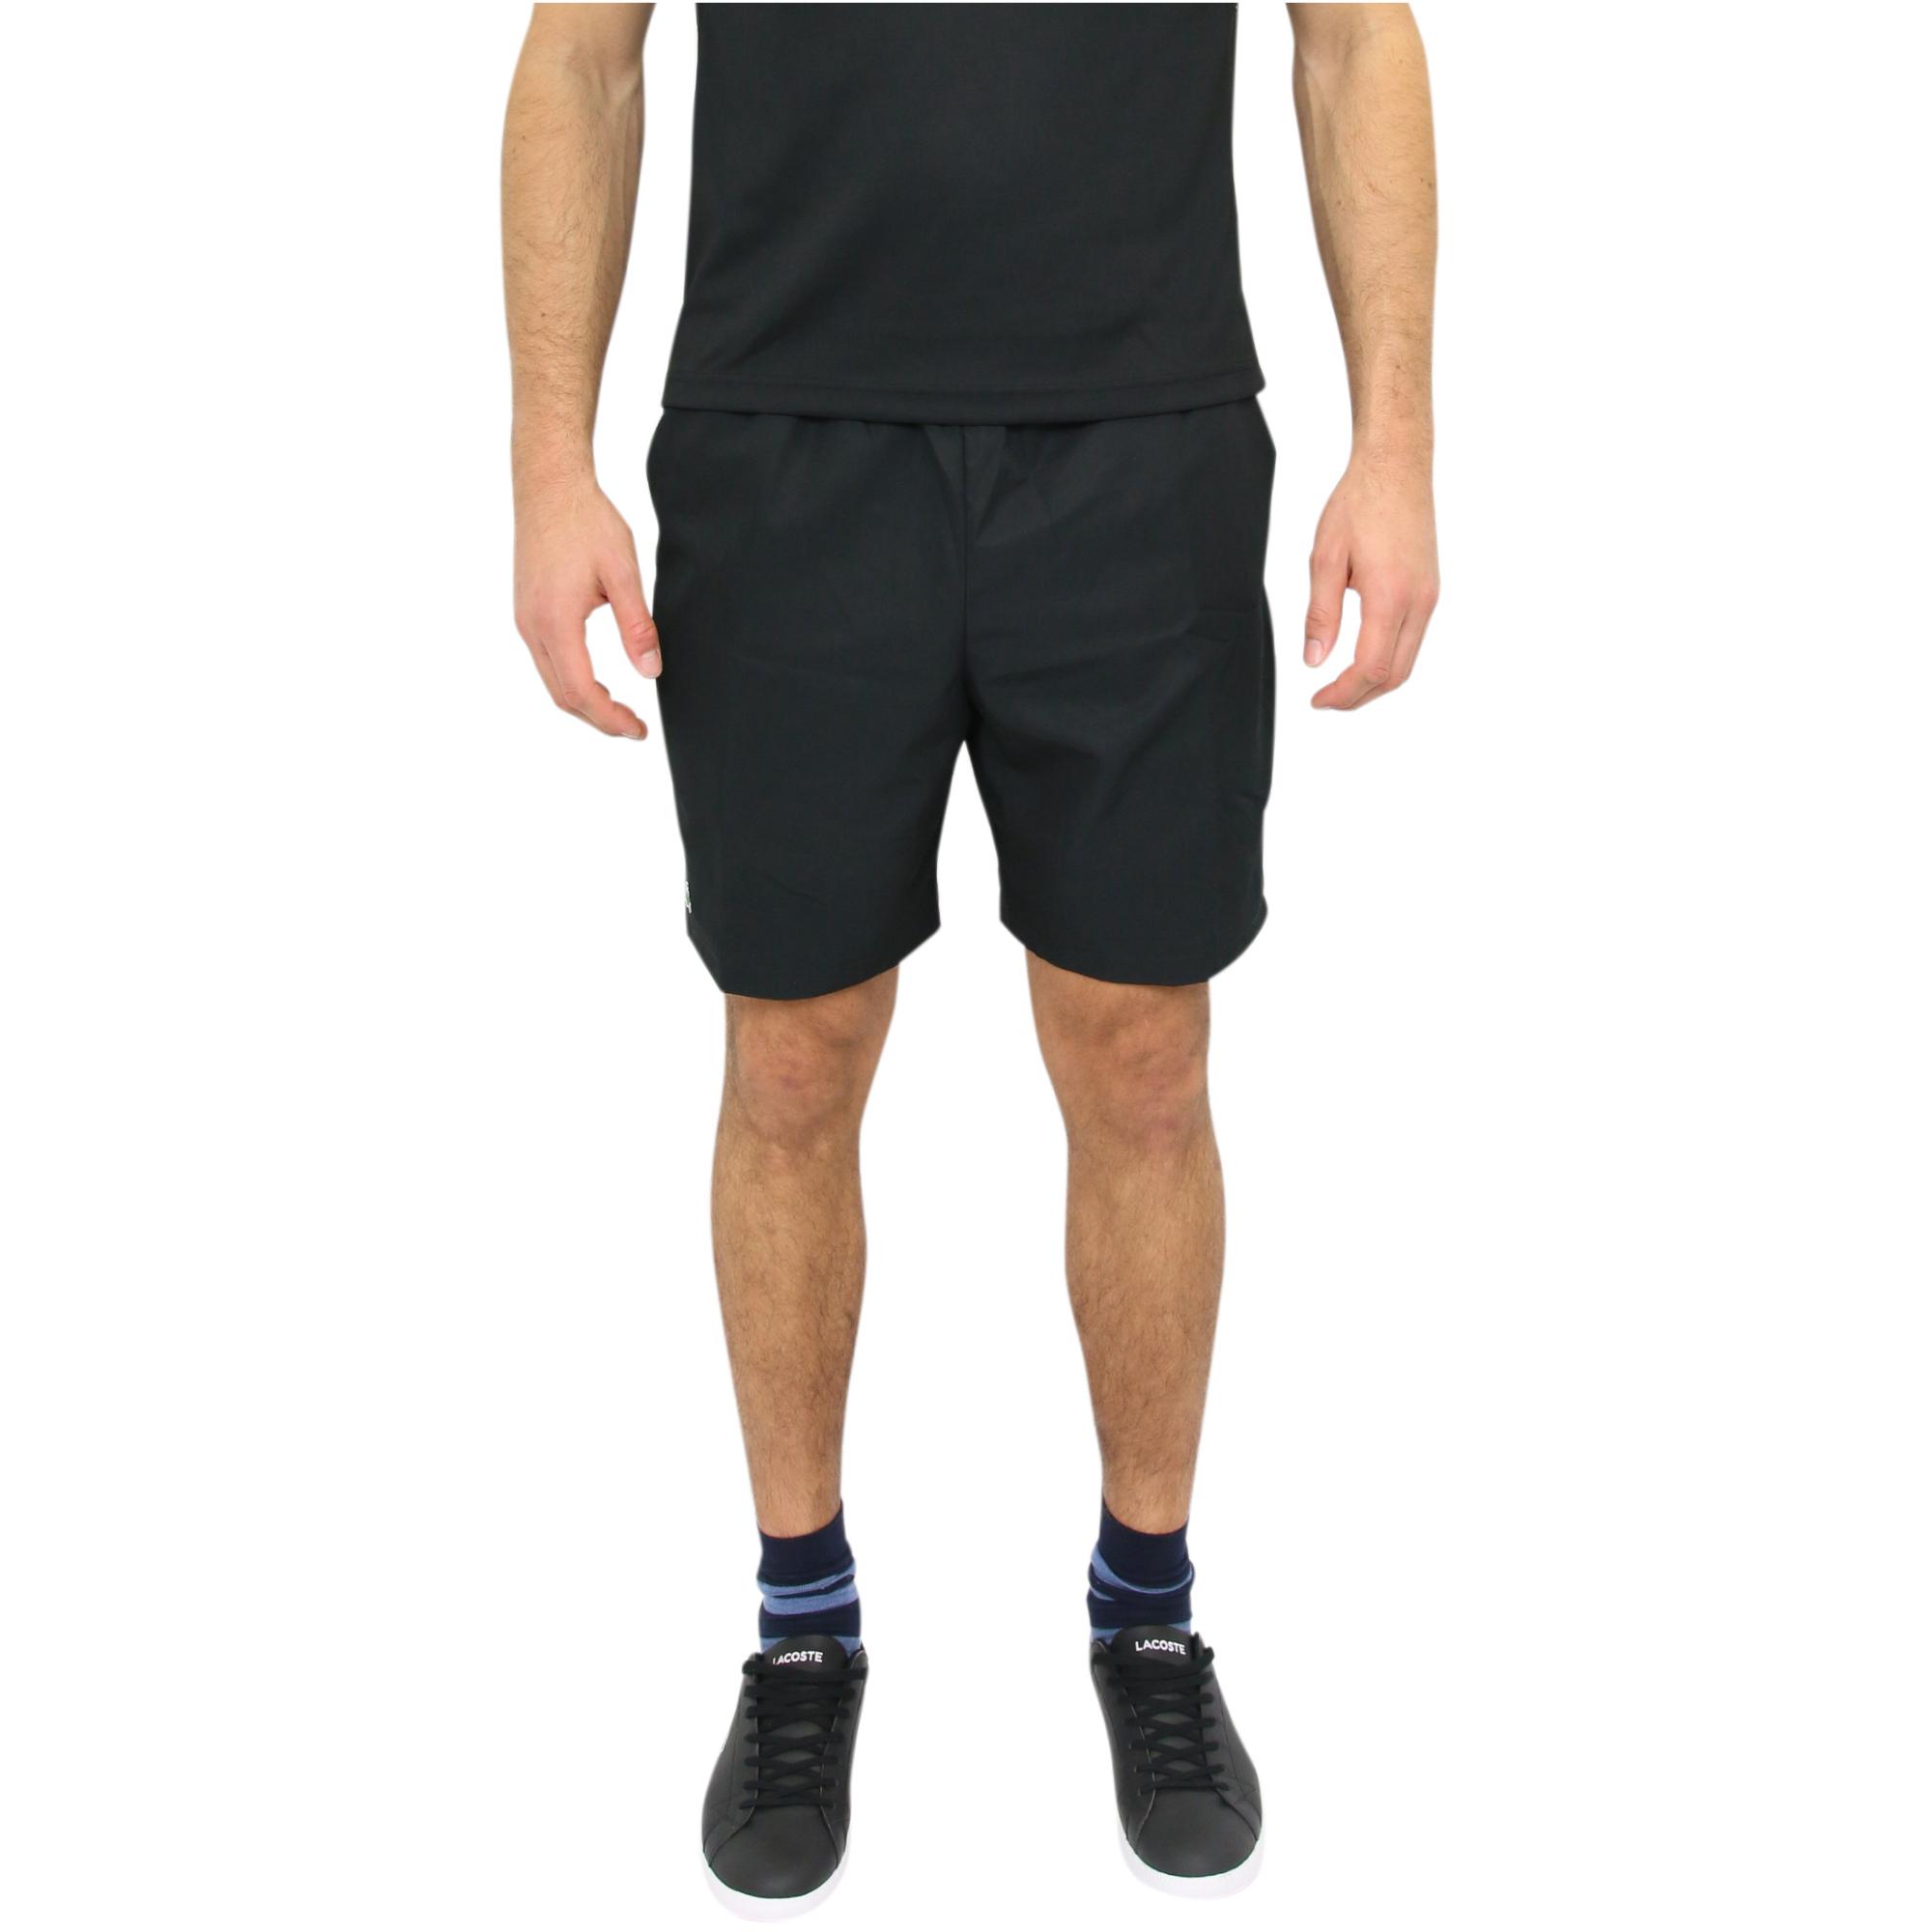 lacoste sport shorts kurze hose sporthose tennishose herren gh5522 6kj schwarz ebay. Black Bedroom Furniture Sets. Home Design Ideas